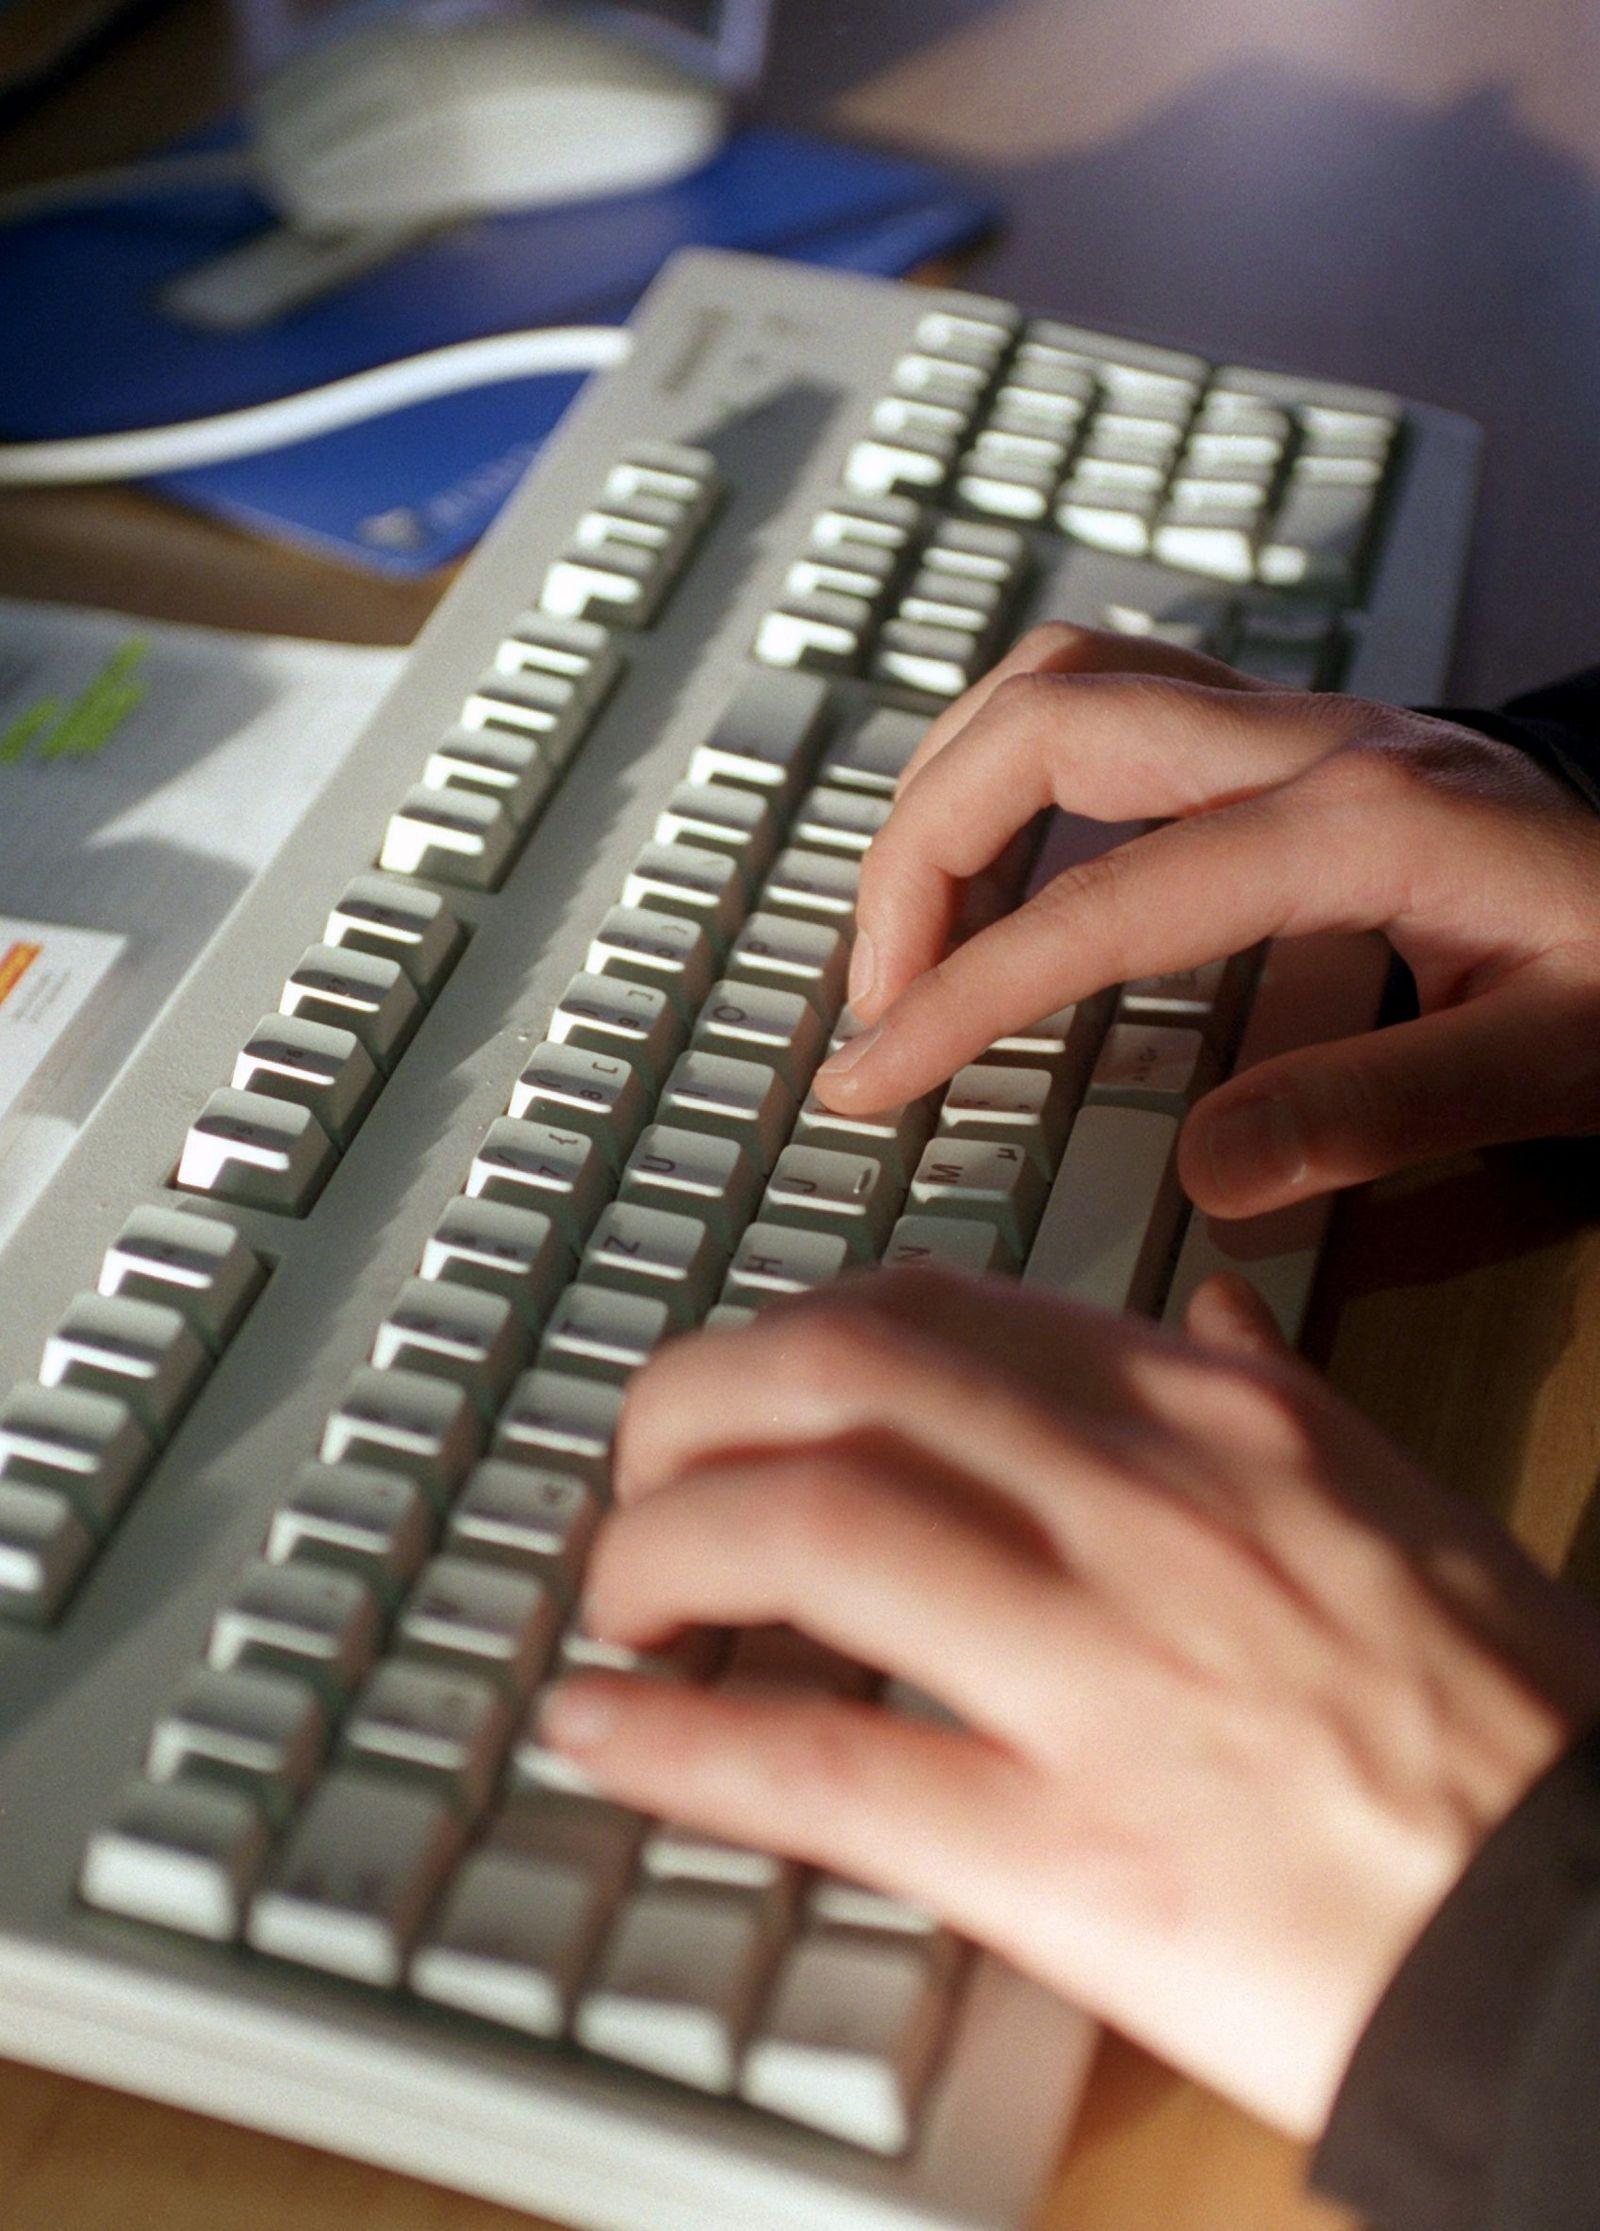 Arbeitsplatz / Computer